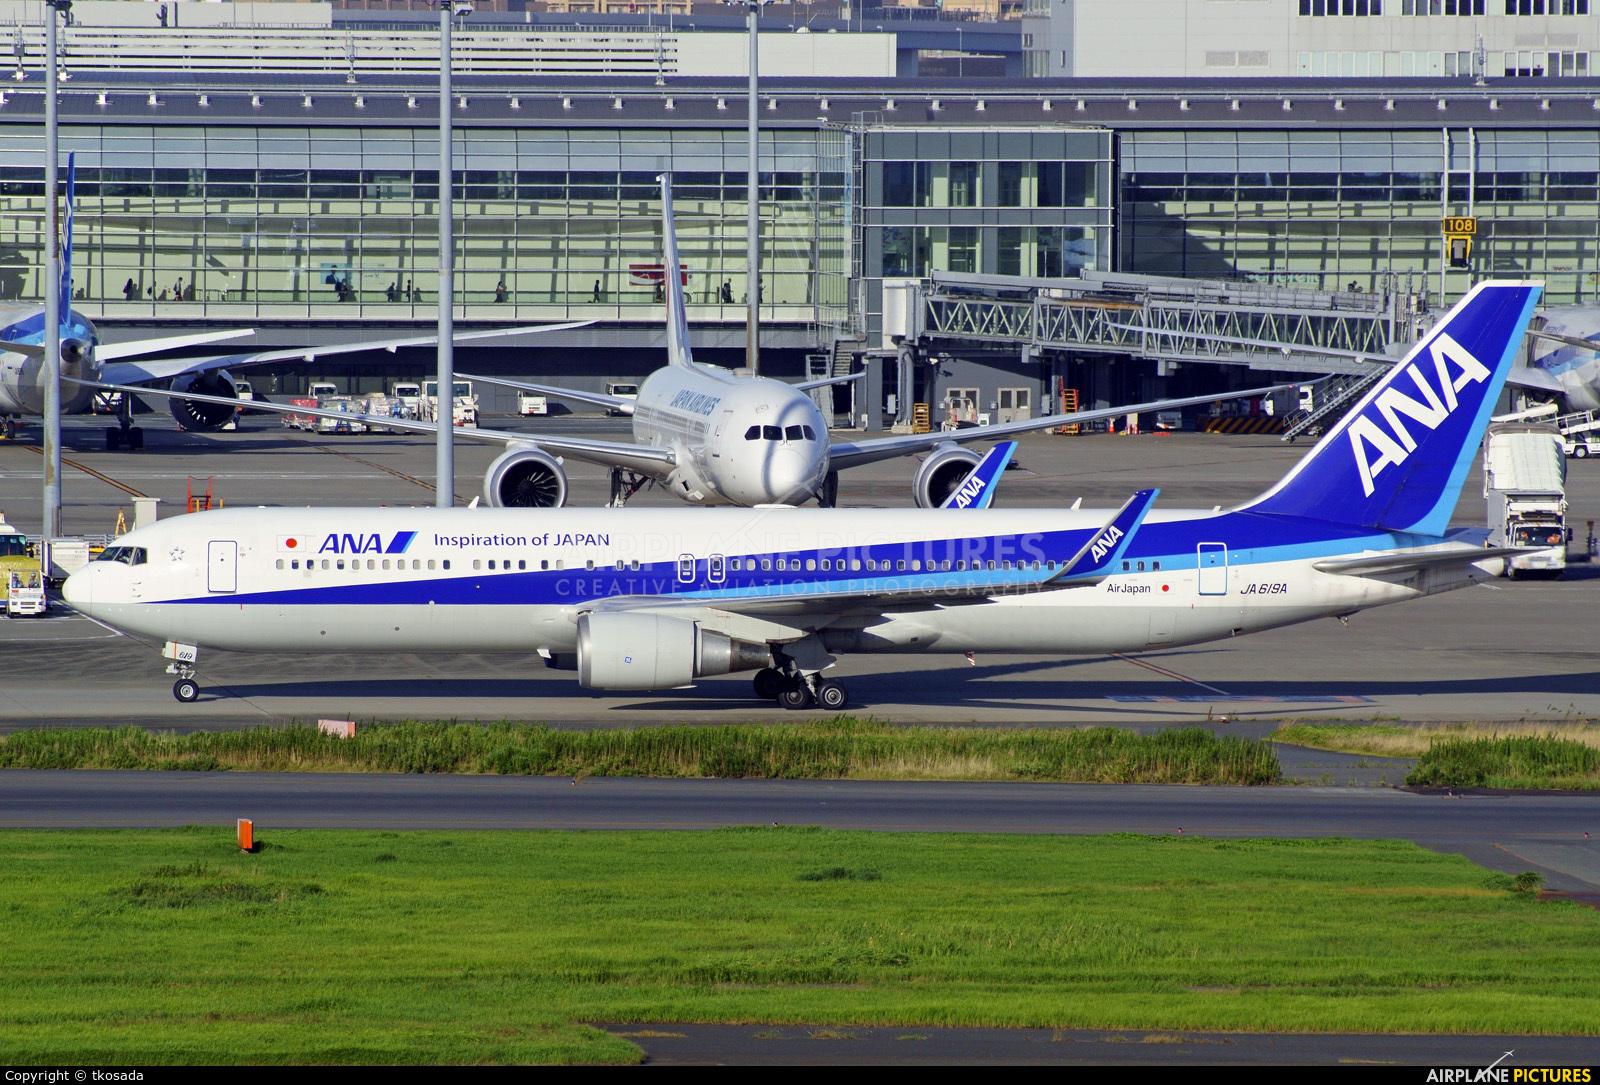 ANA - All Nippon Airways JA620A aircraft at Tokyo - Haneda Intl